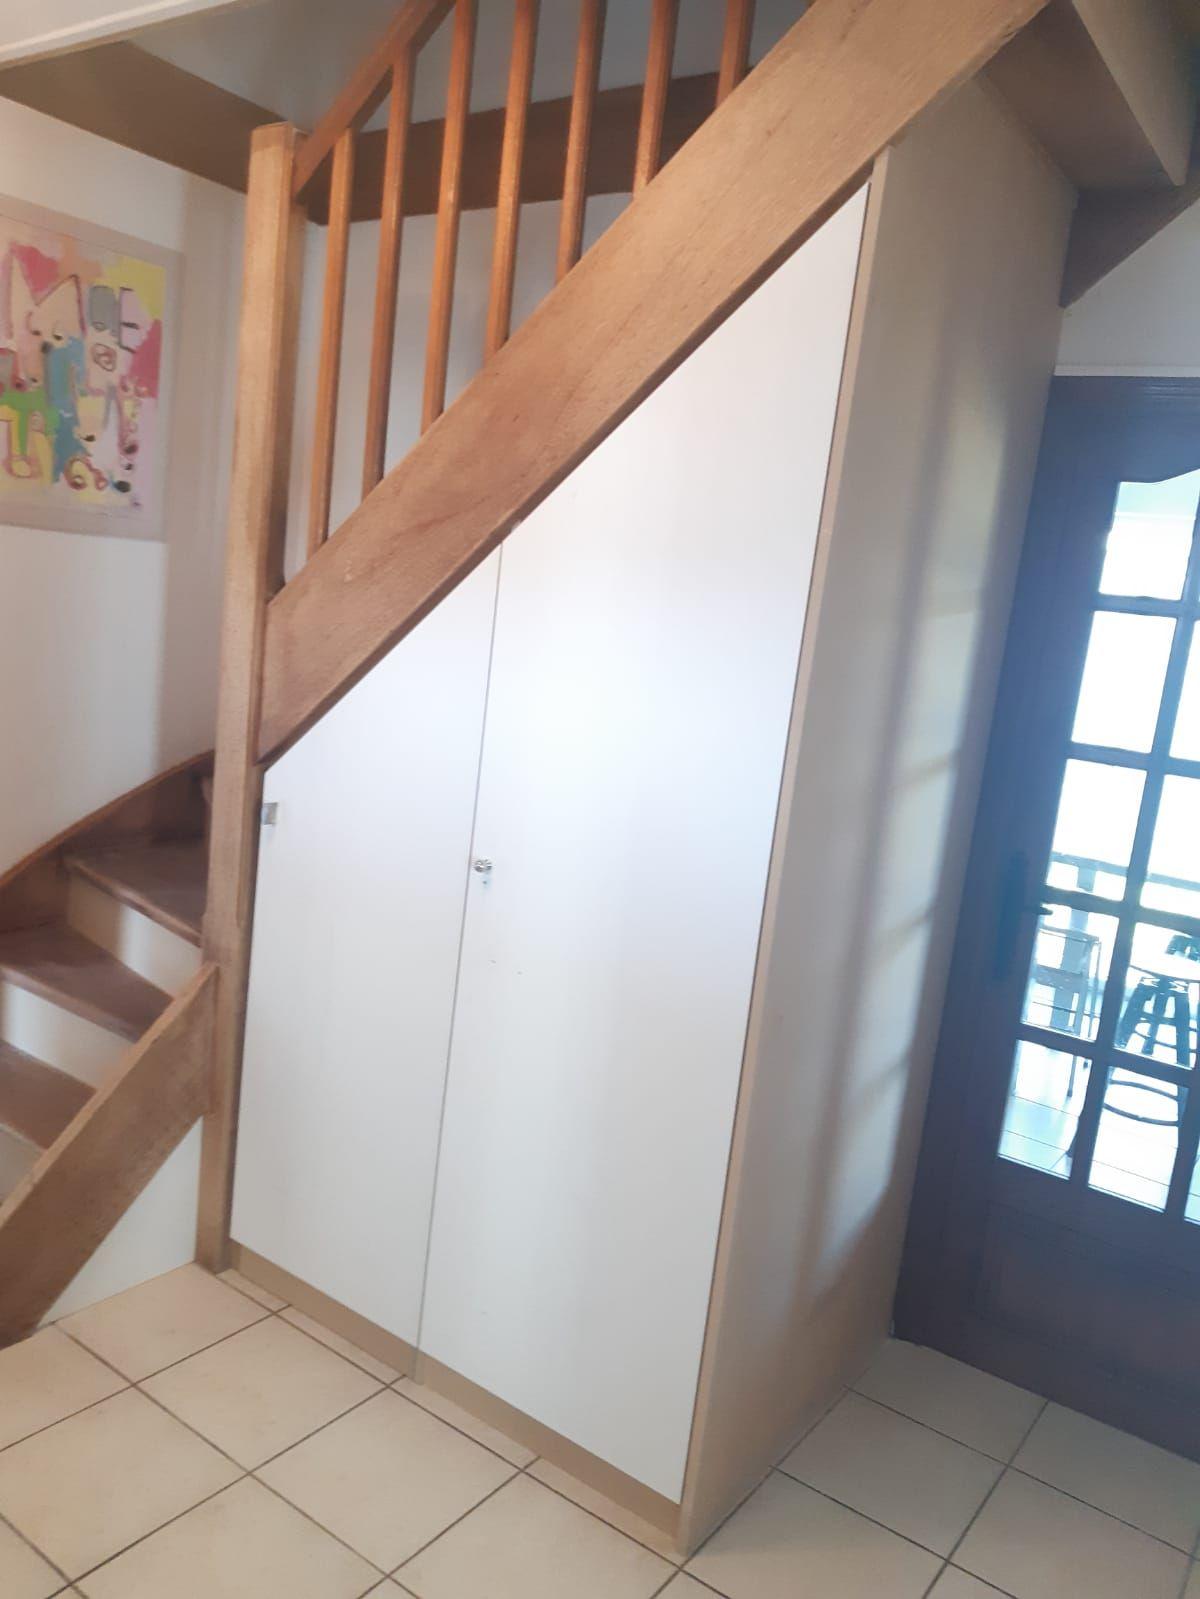 Amenagement Sous Escalier Avec Penderie Coulissante Kiosque Amenagement Amenagement Sous Escalier Meuble Sous Escalier Sous Escalier